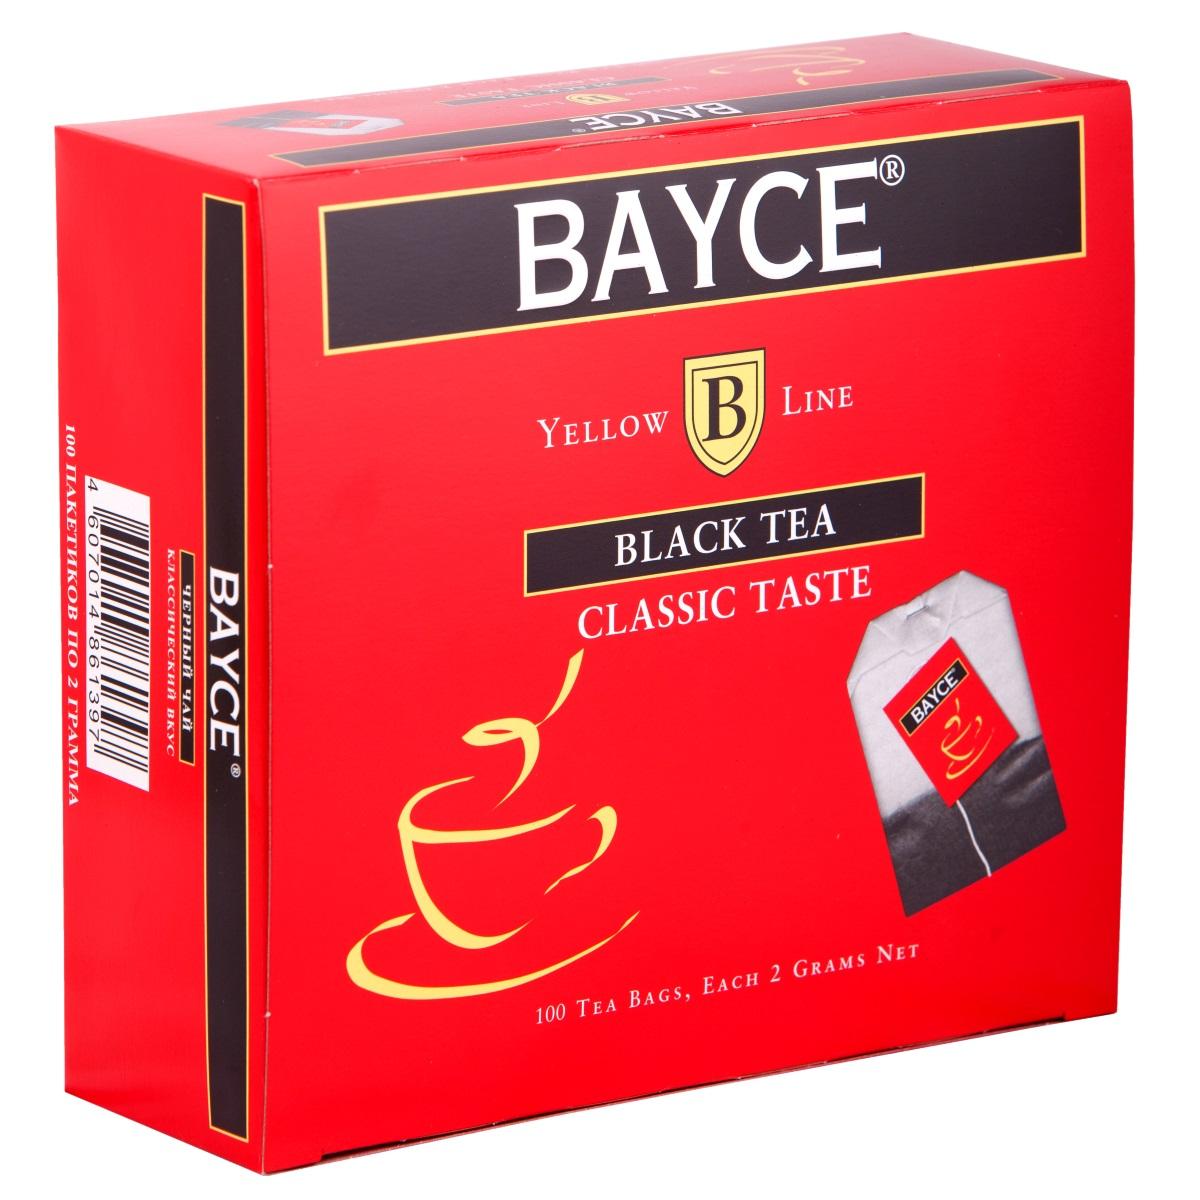 Bayce Классический вкус черный чай в пакетиках, 100 шт0120710Bayce Классический вкус - превосходный классический чай, собранный на чайных плантациях Индии, Кении и острова Цейлон. Приятный вкус и целебные свойства делают этот сорт особенно привлекательным.